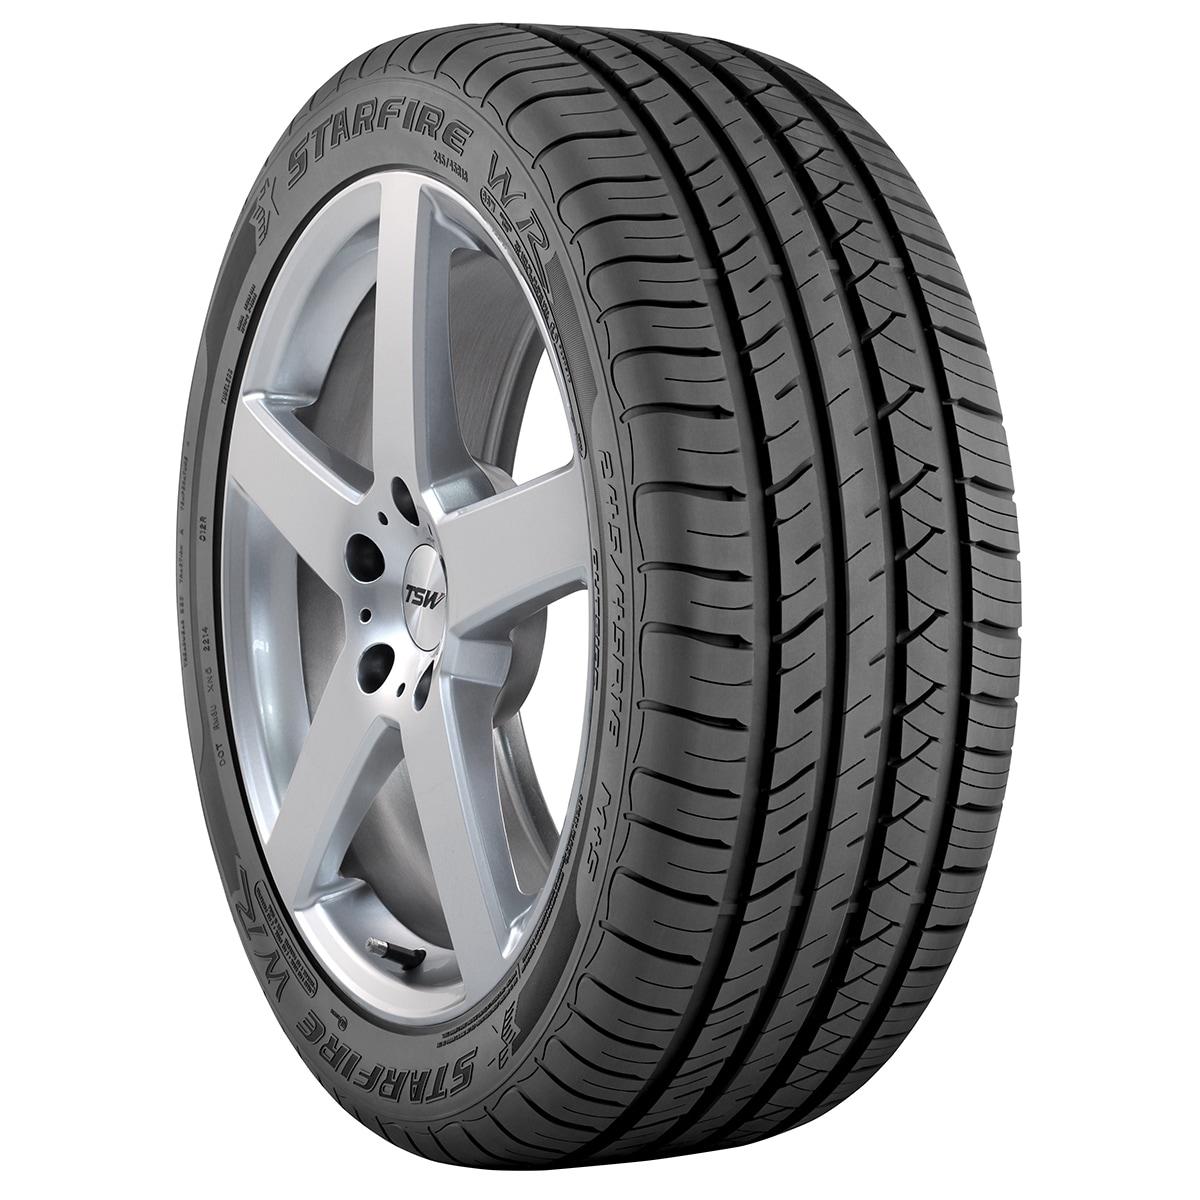 Starfire WR Performance Tire - 225/55R16 95W (Black)